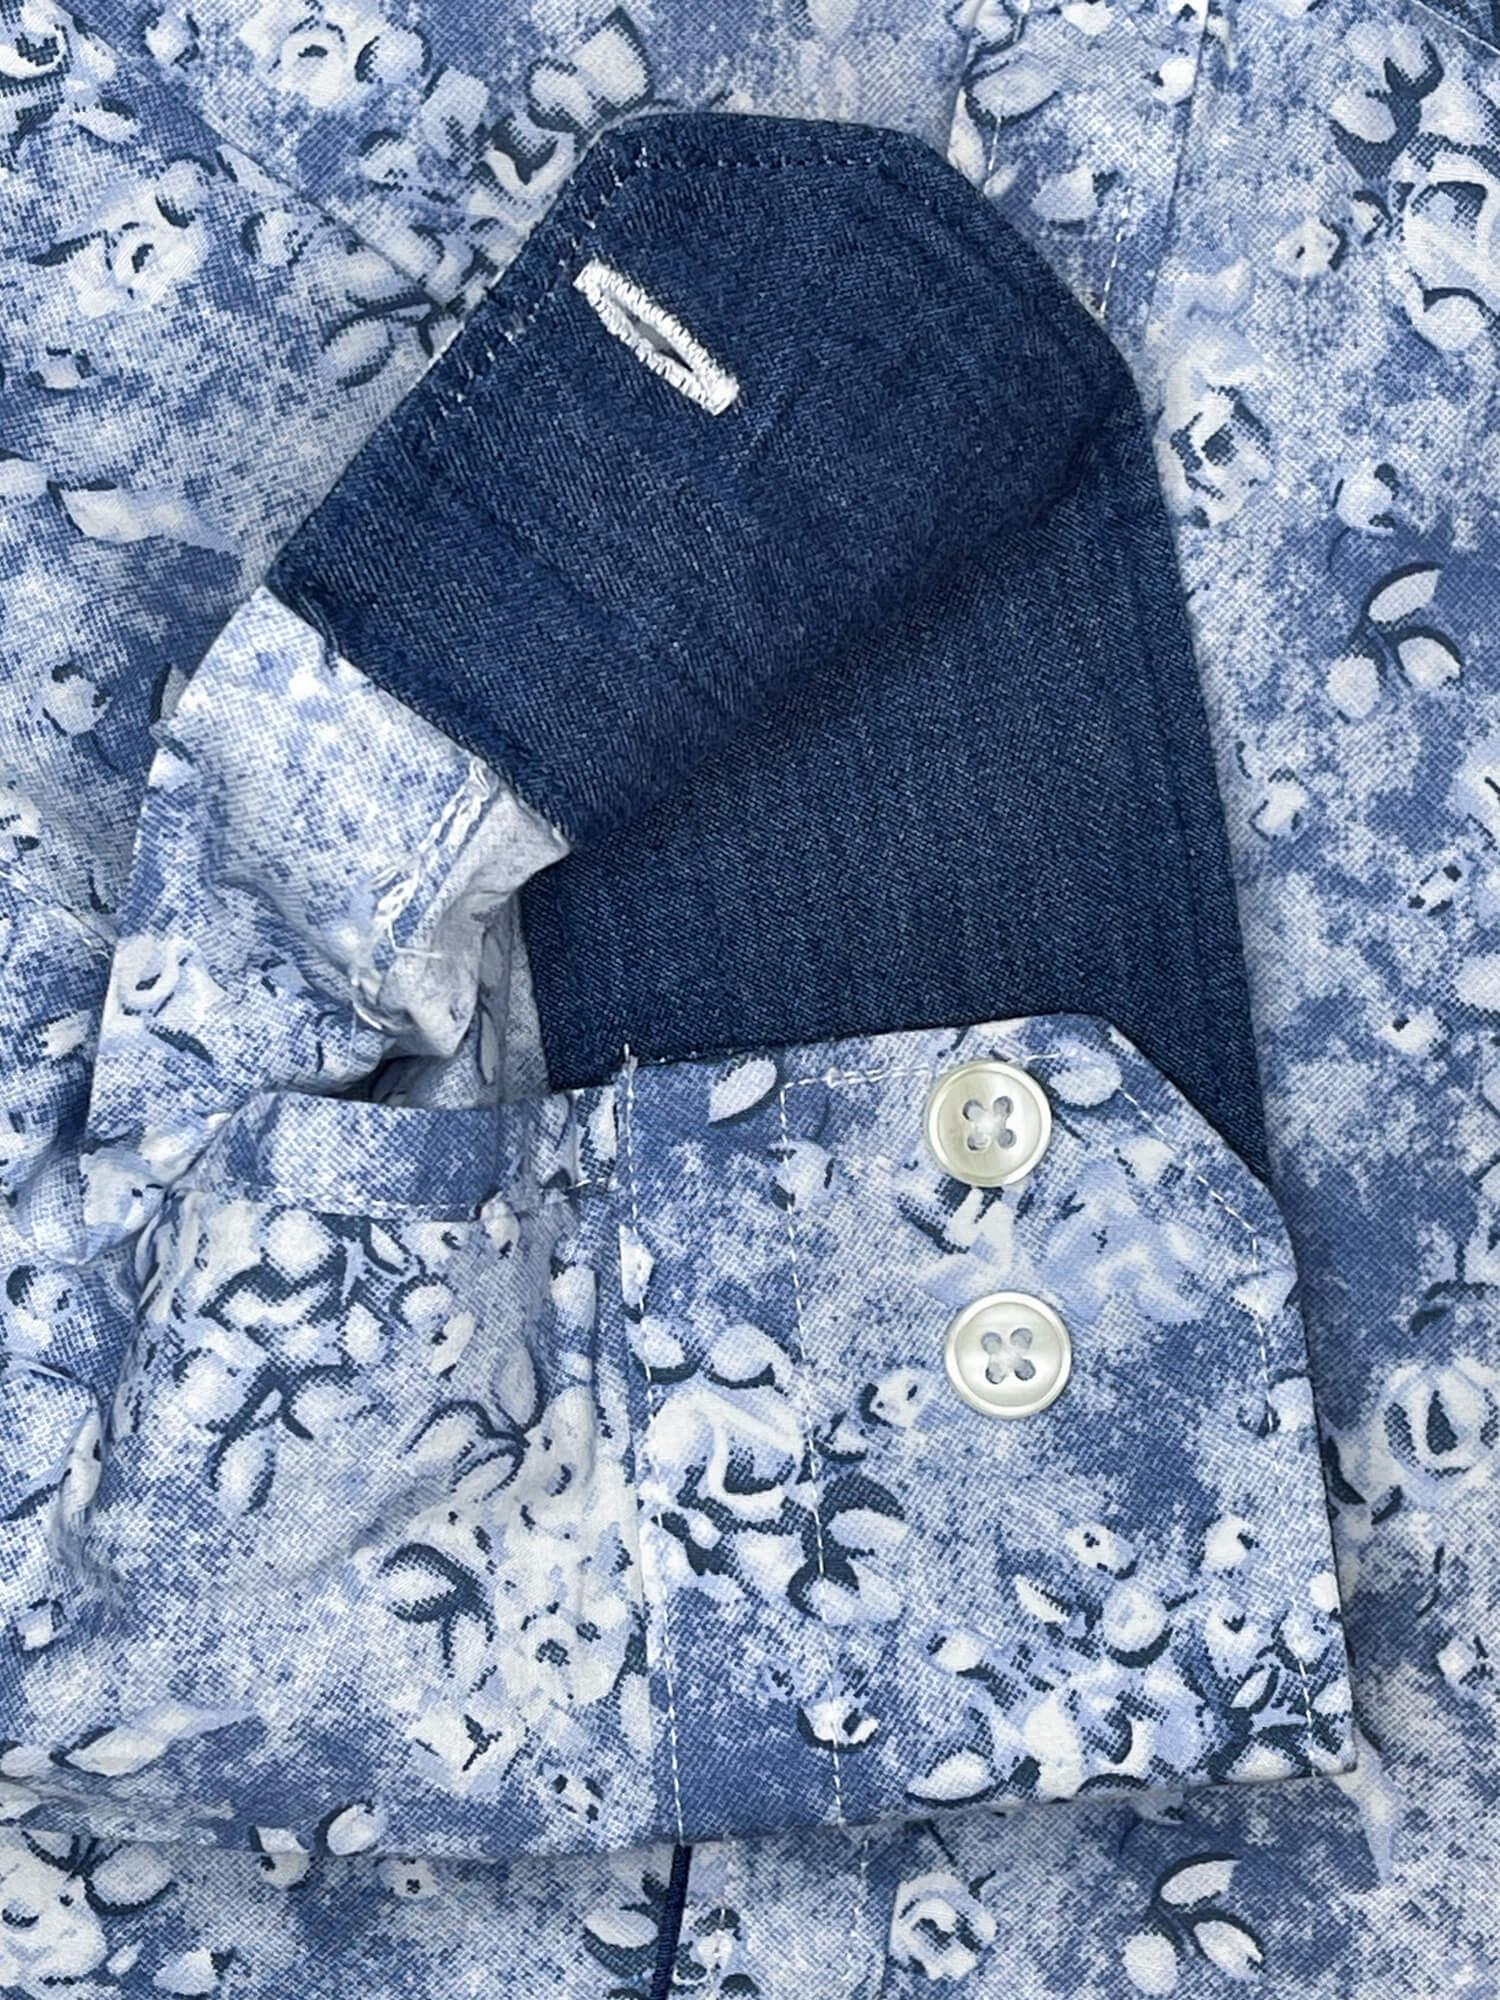 Camicia sportiva da uomo Arras 100 cotone camicie di qualità